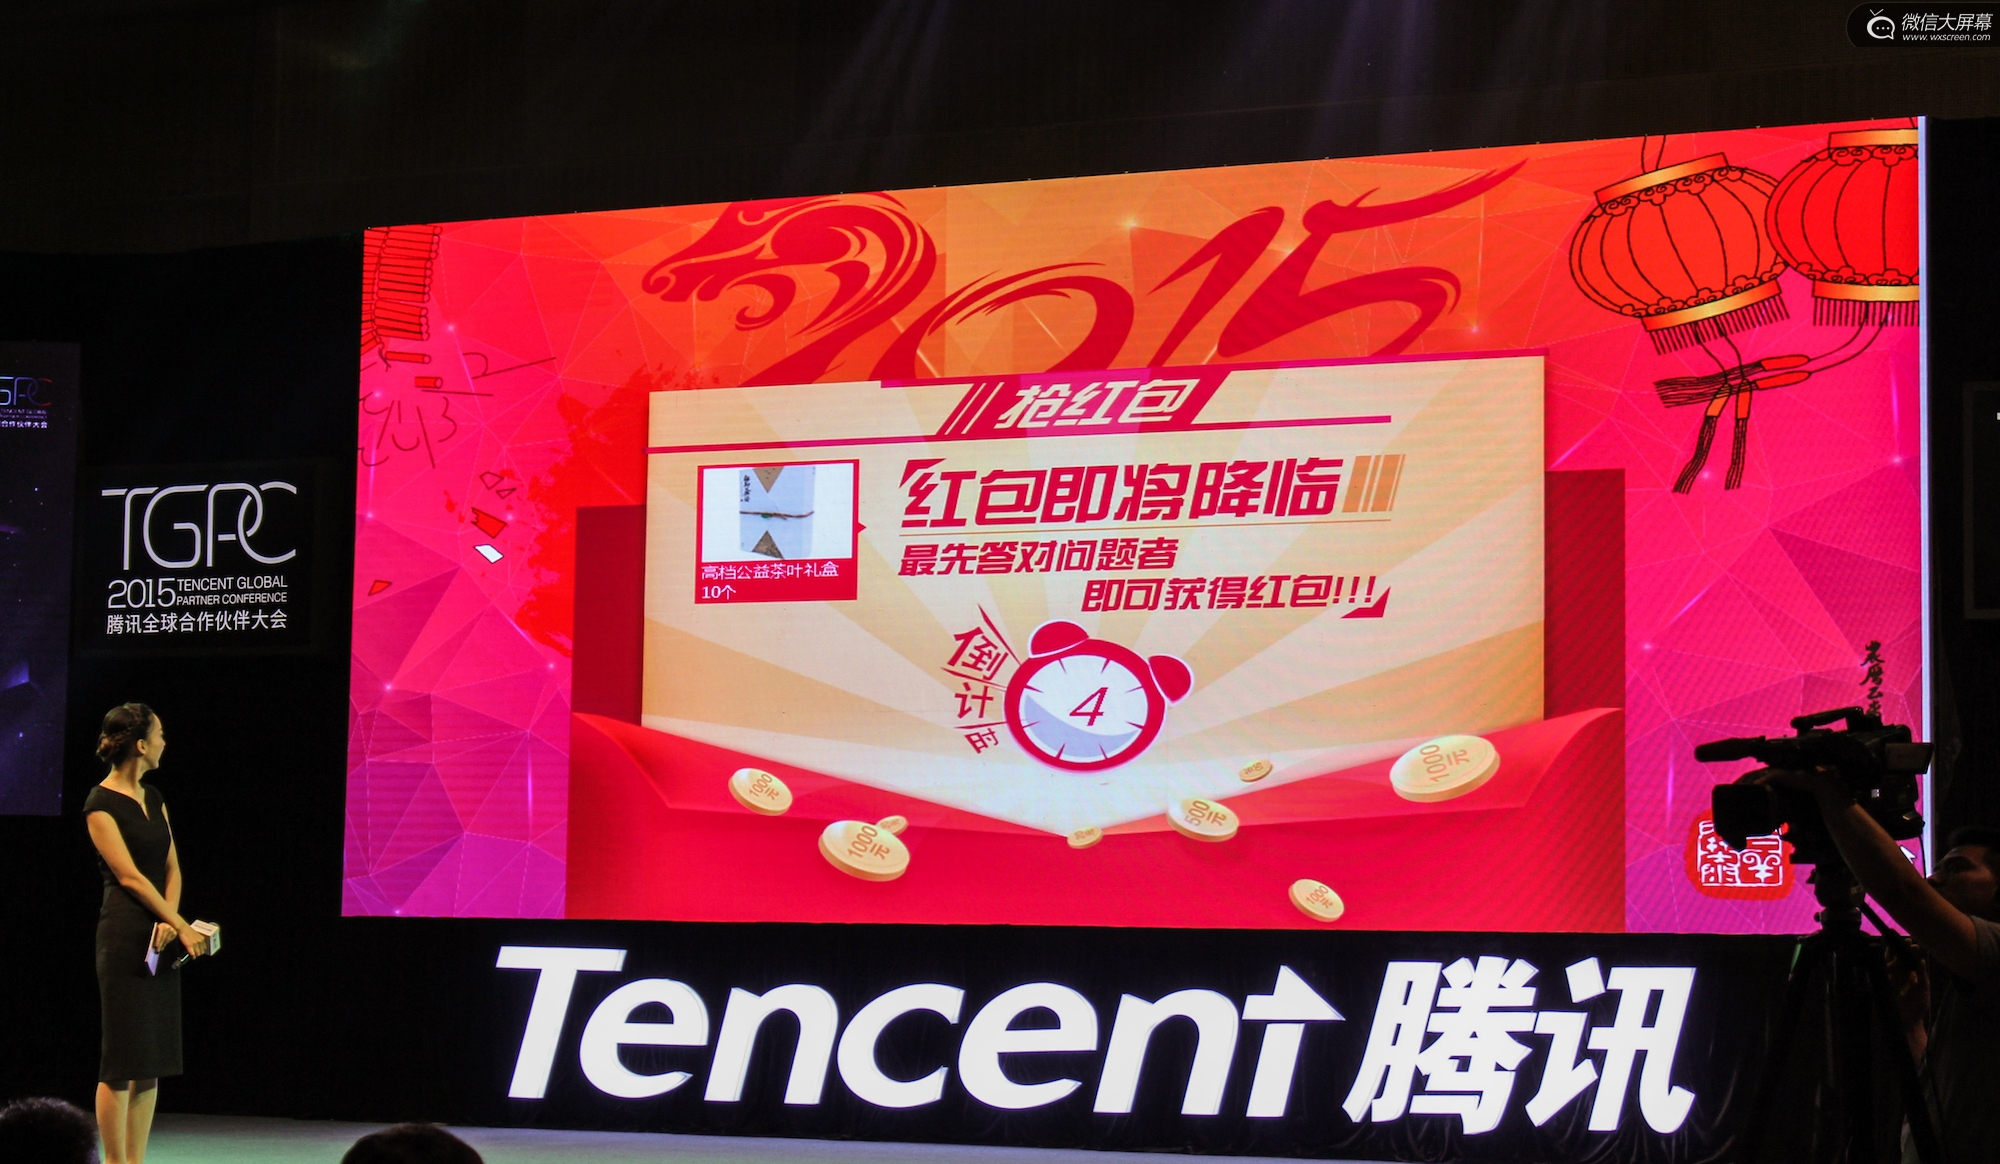 趣现场-微信大屏幕受邀参加2015年腾讯全球合作伙伴大会